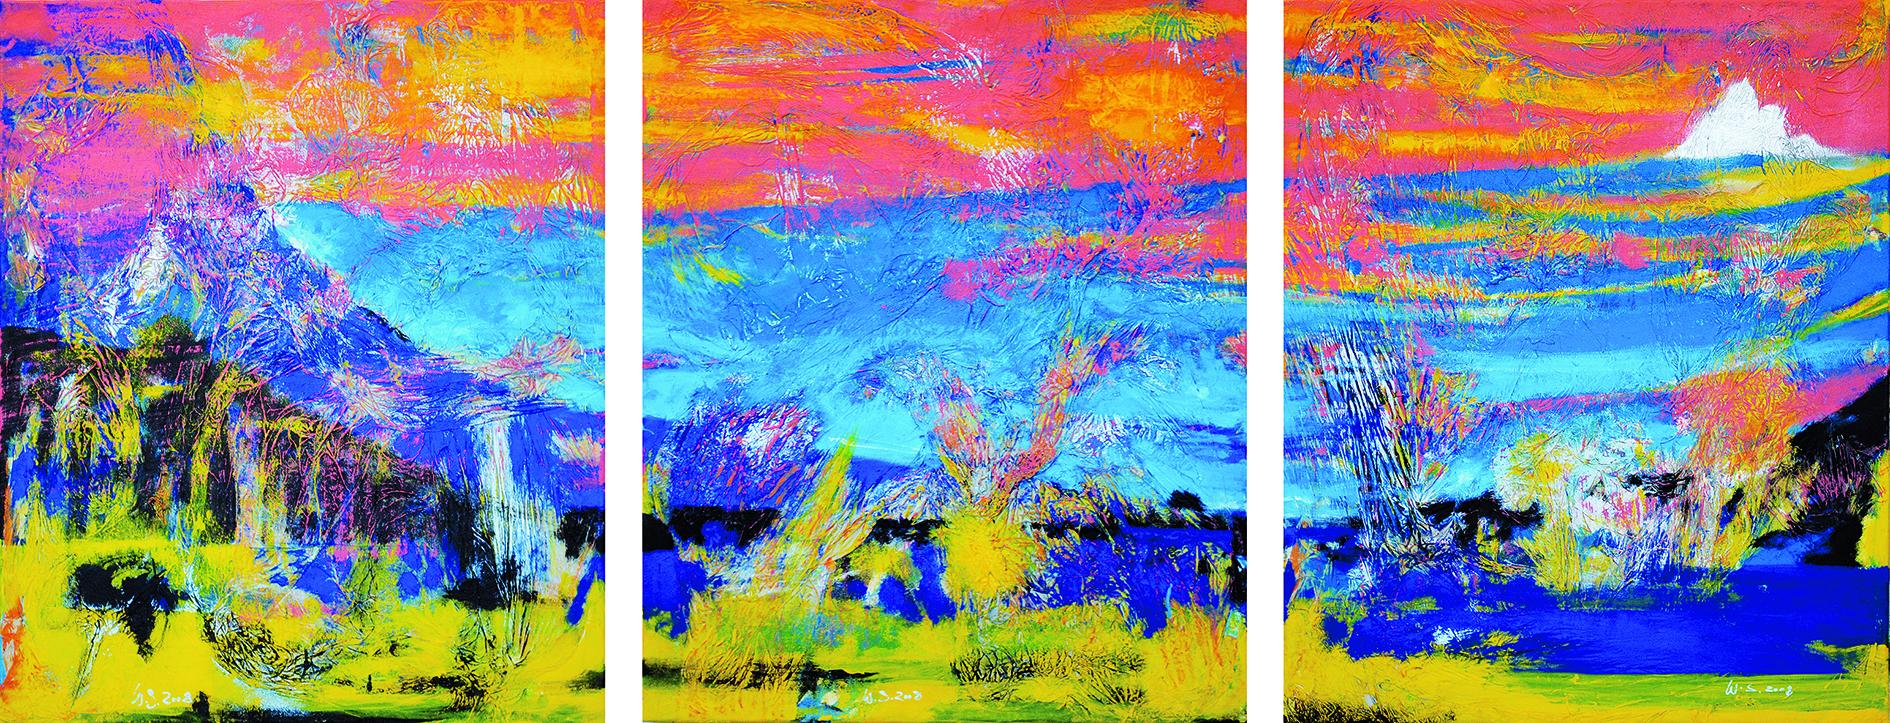 148_2010_Homeland_Acryl auf Zellstoff auf Seidenpapier_74x174